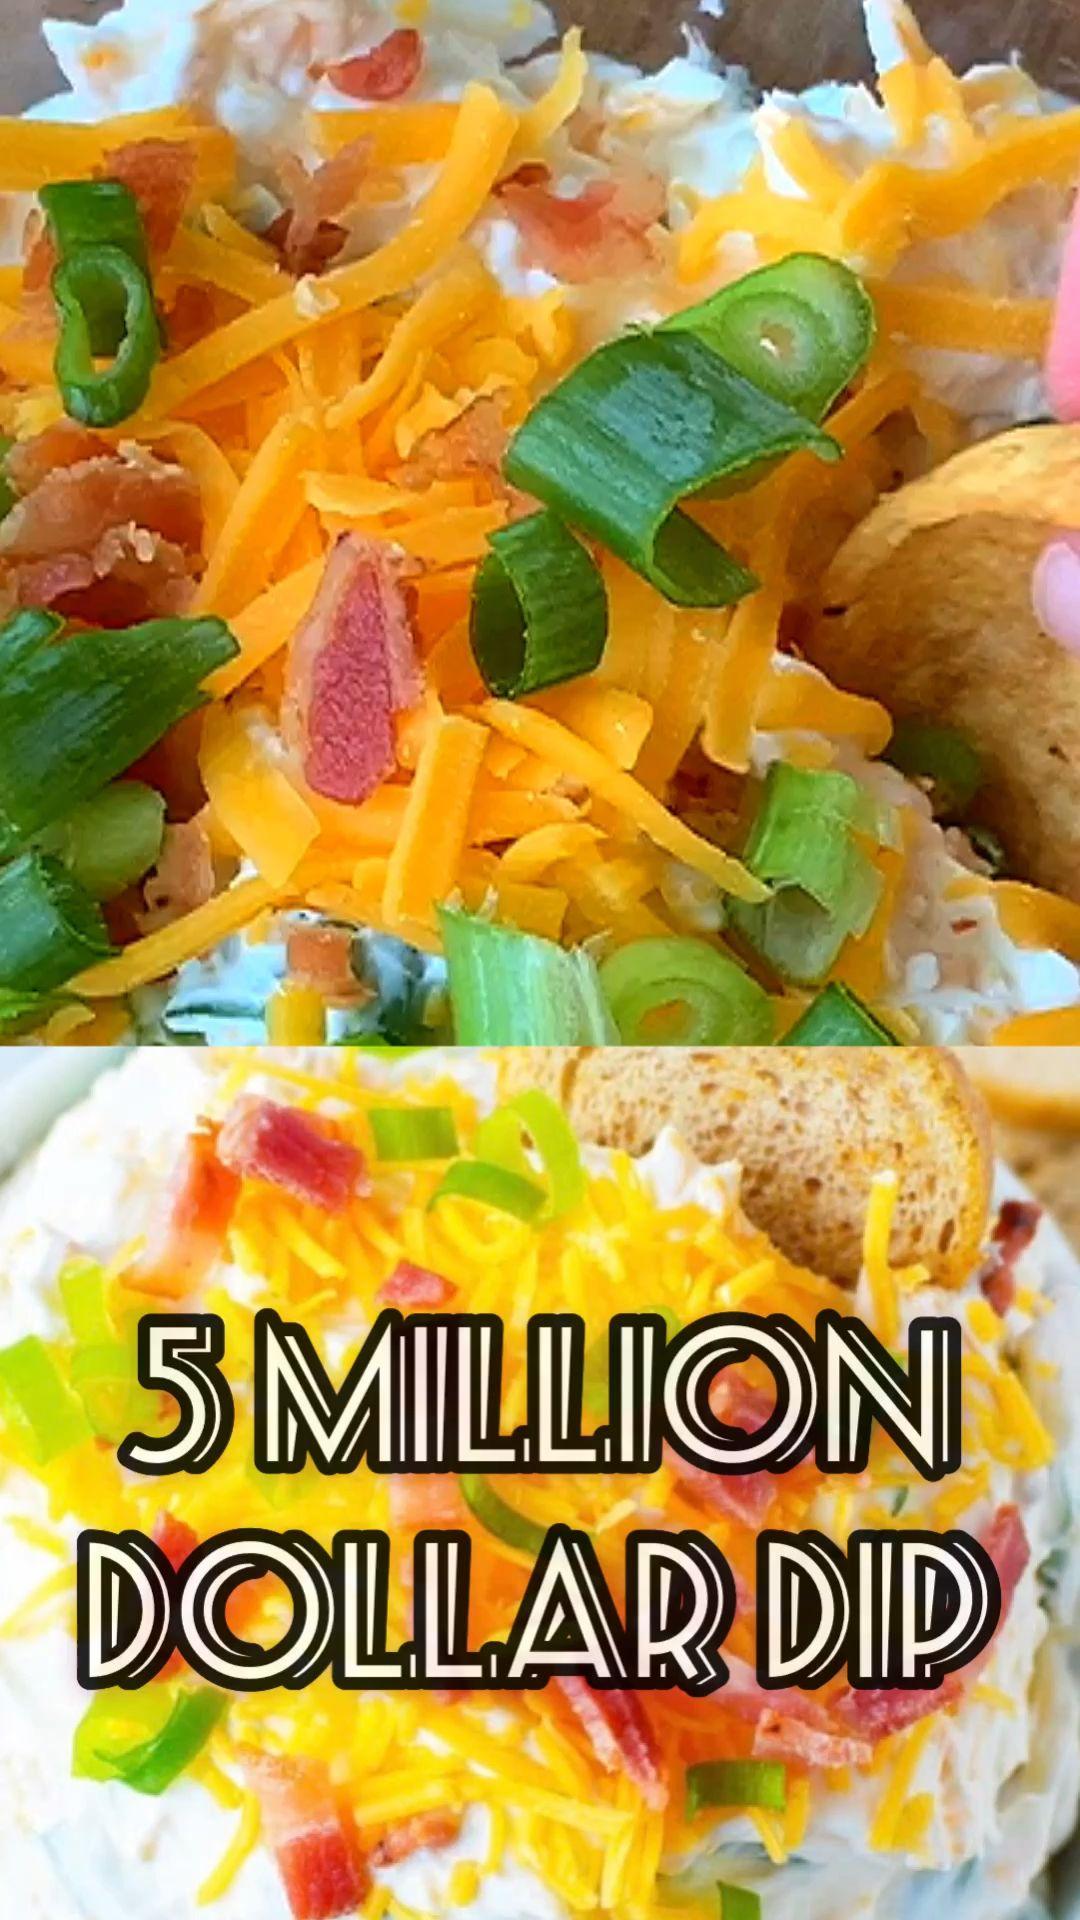 Neiman Marcus Dip | Million Dollar Dip Recipe